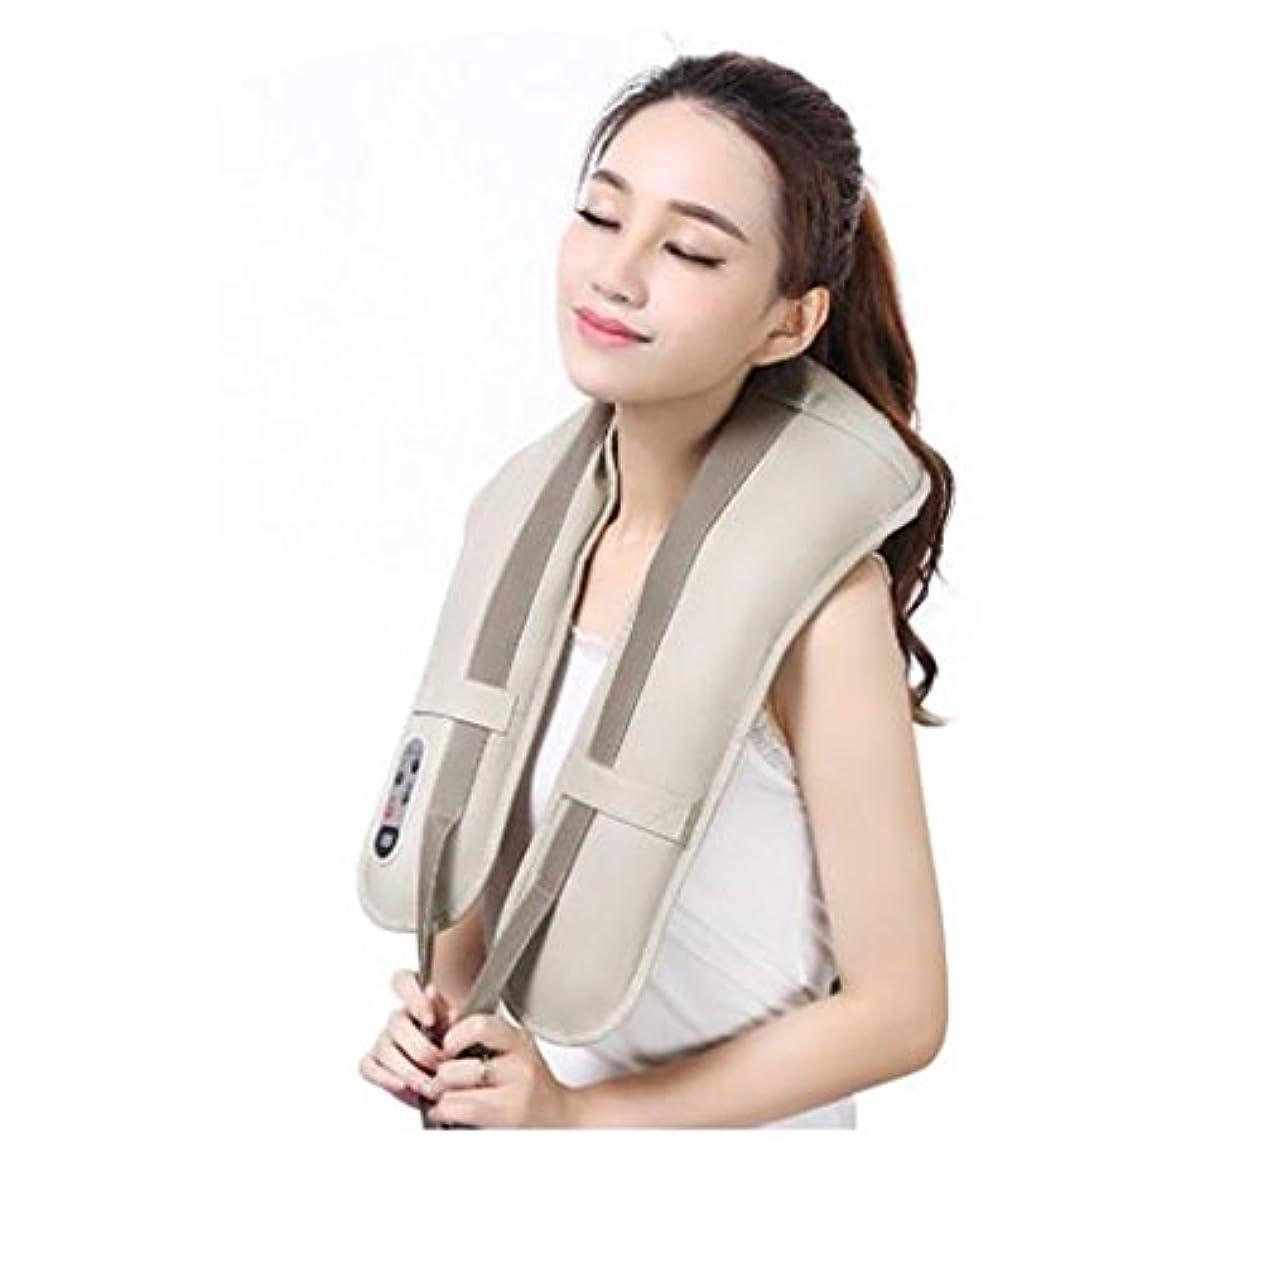 アルカイック密輸継承ホットネックマッサージャーポータブル電気パーカッション頸部マッサージショールの痛みの首と肩の多機能タップマッサージャー (色 : A)